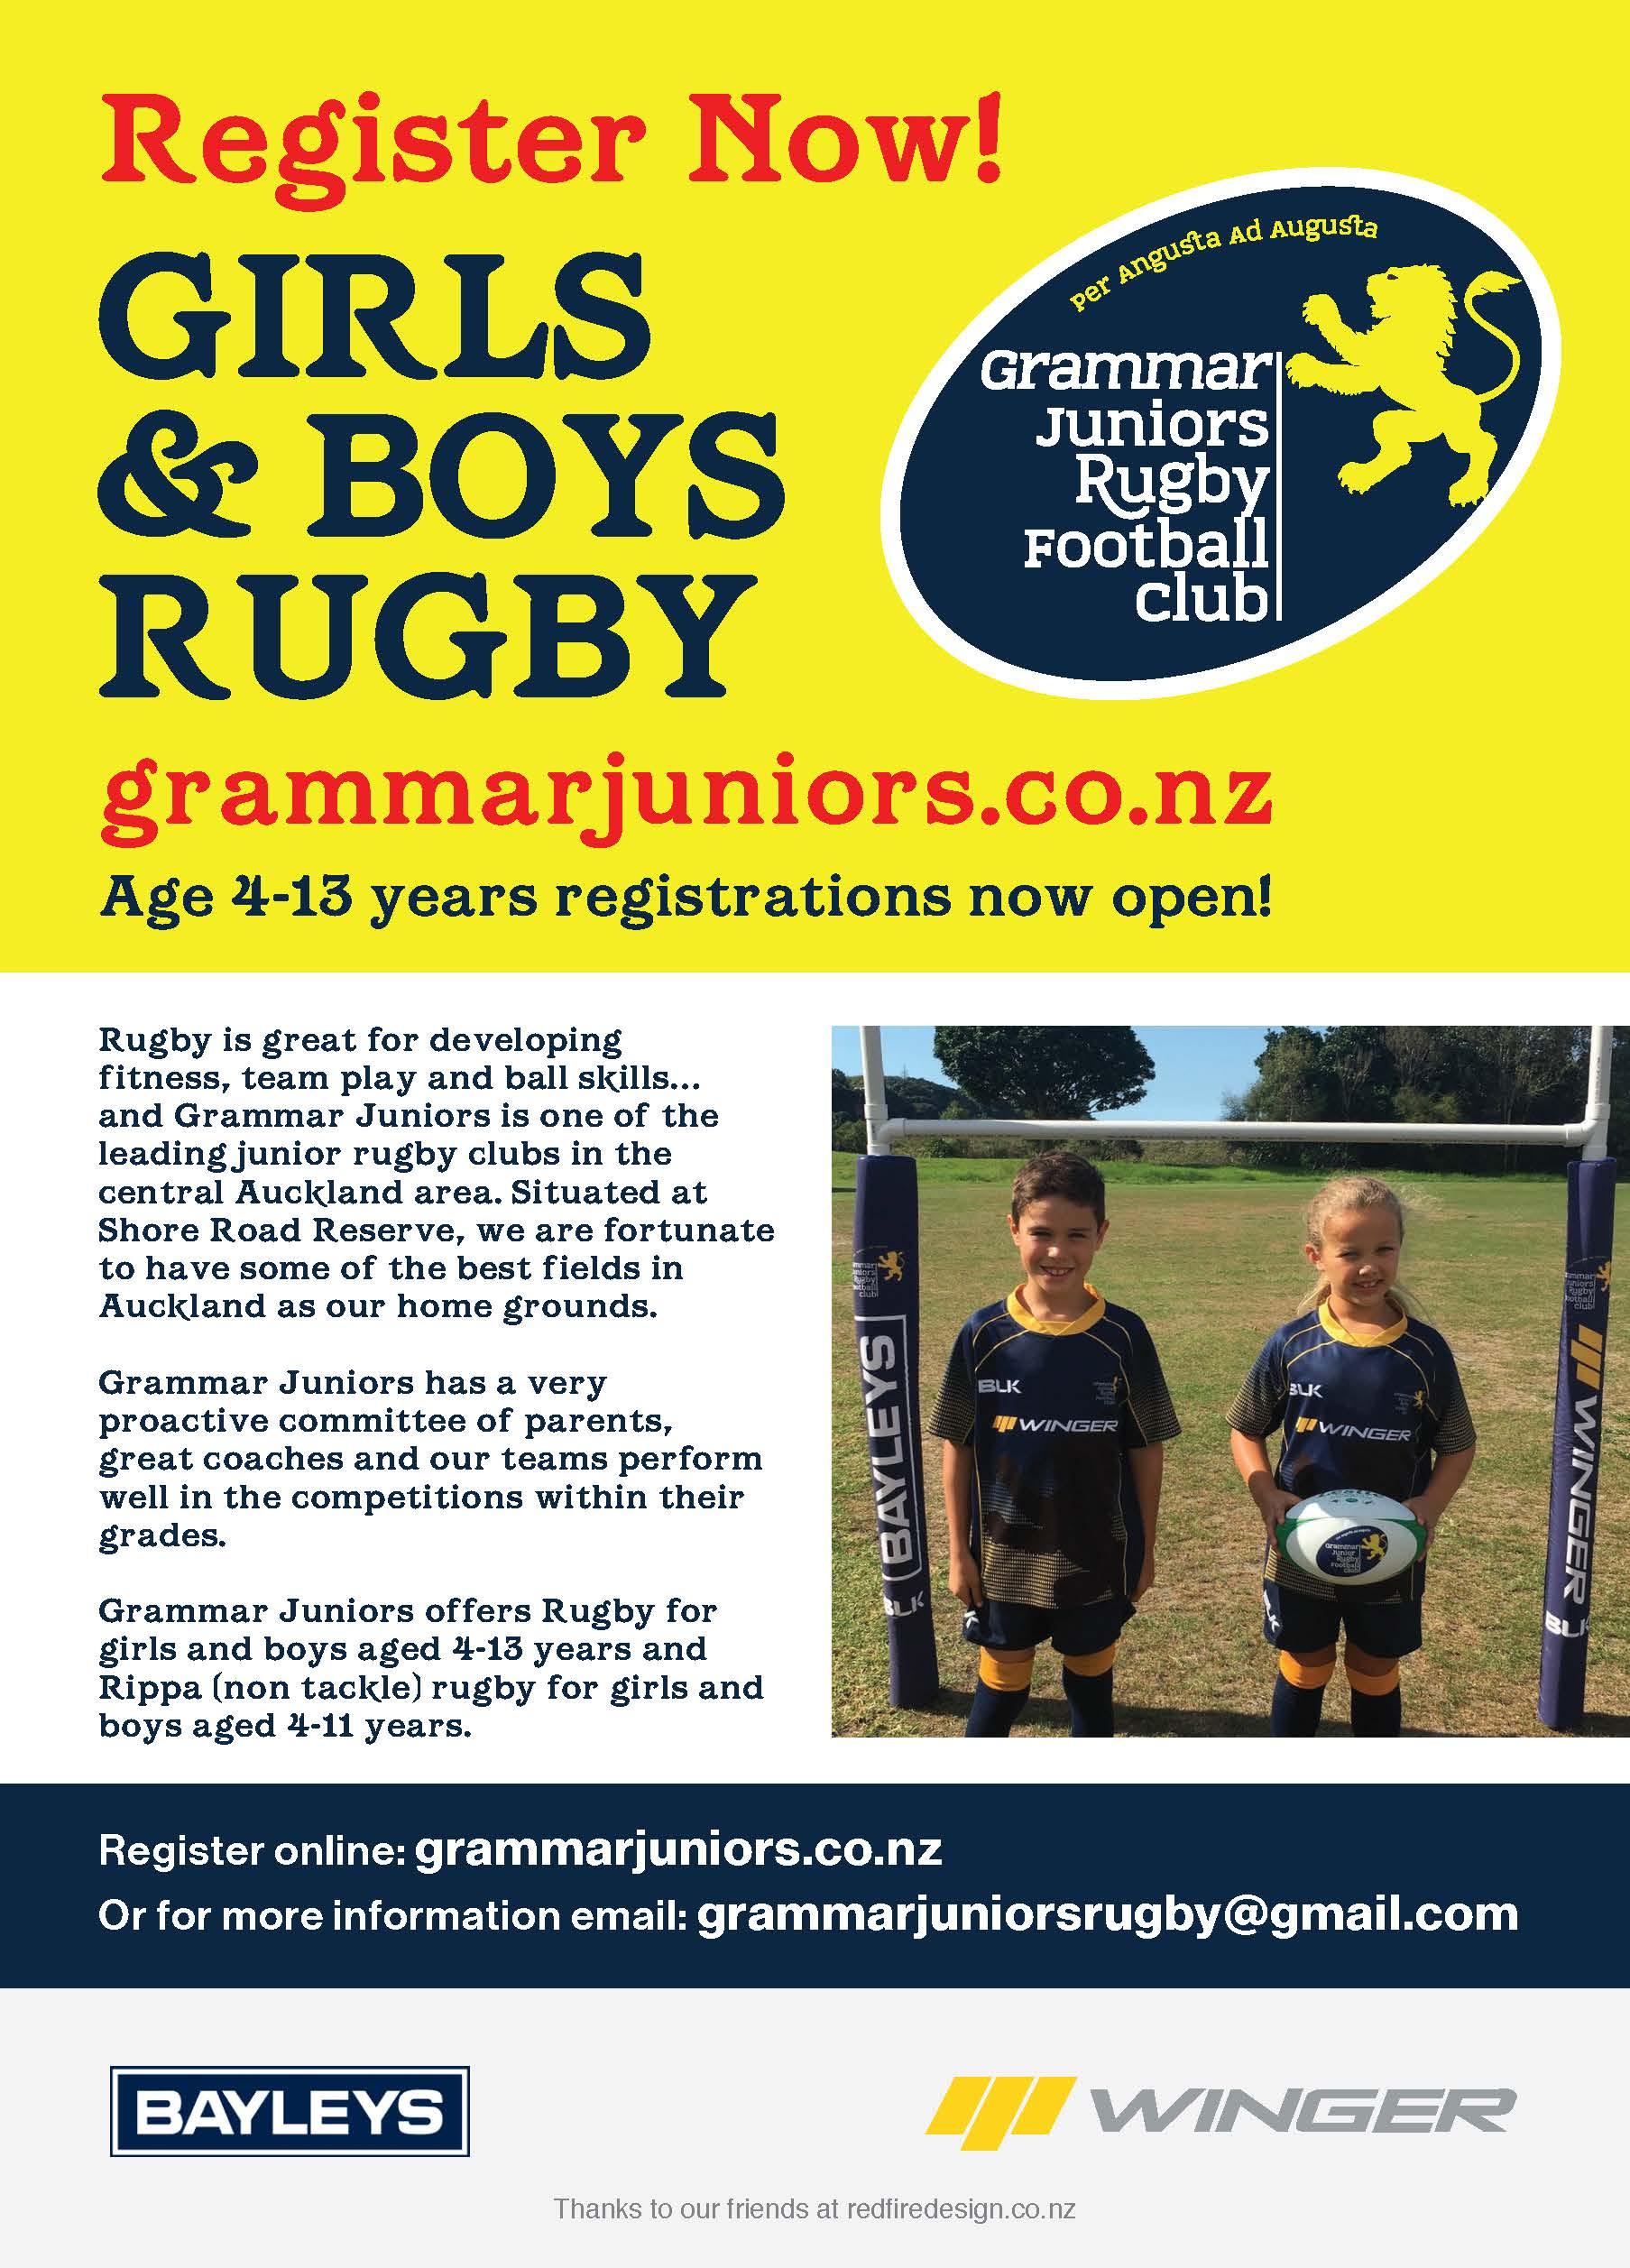 Grammer Junior Rugby